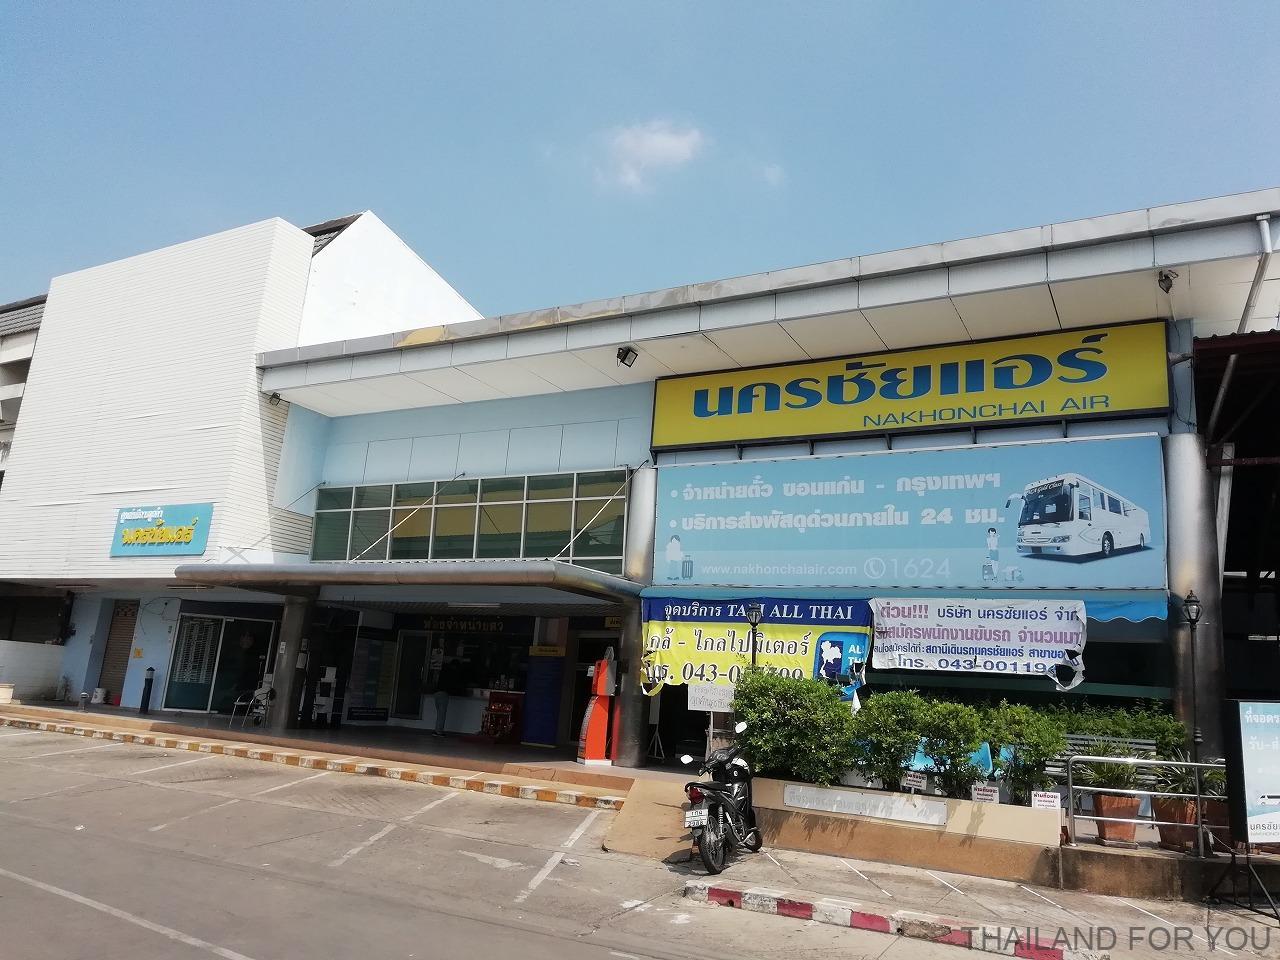 コンケン バスターミナル2 ナコンチャイエア khon kaen bus terminal 2 Nakhonchai Air